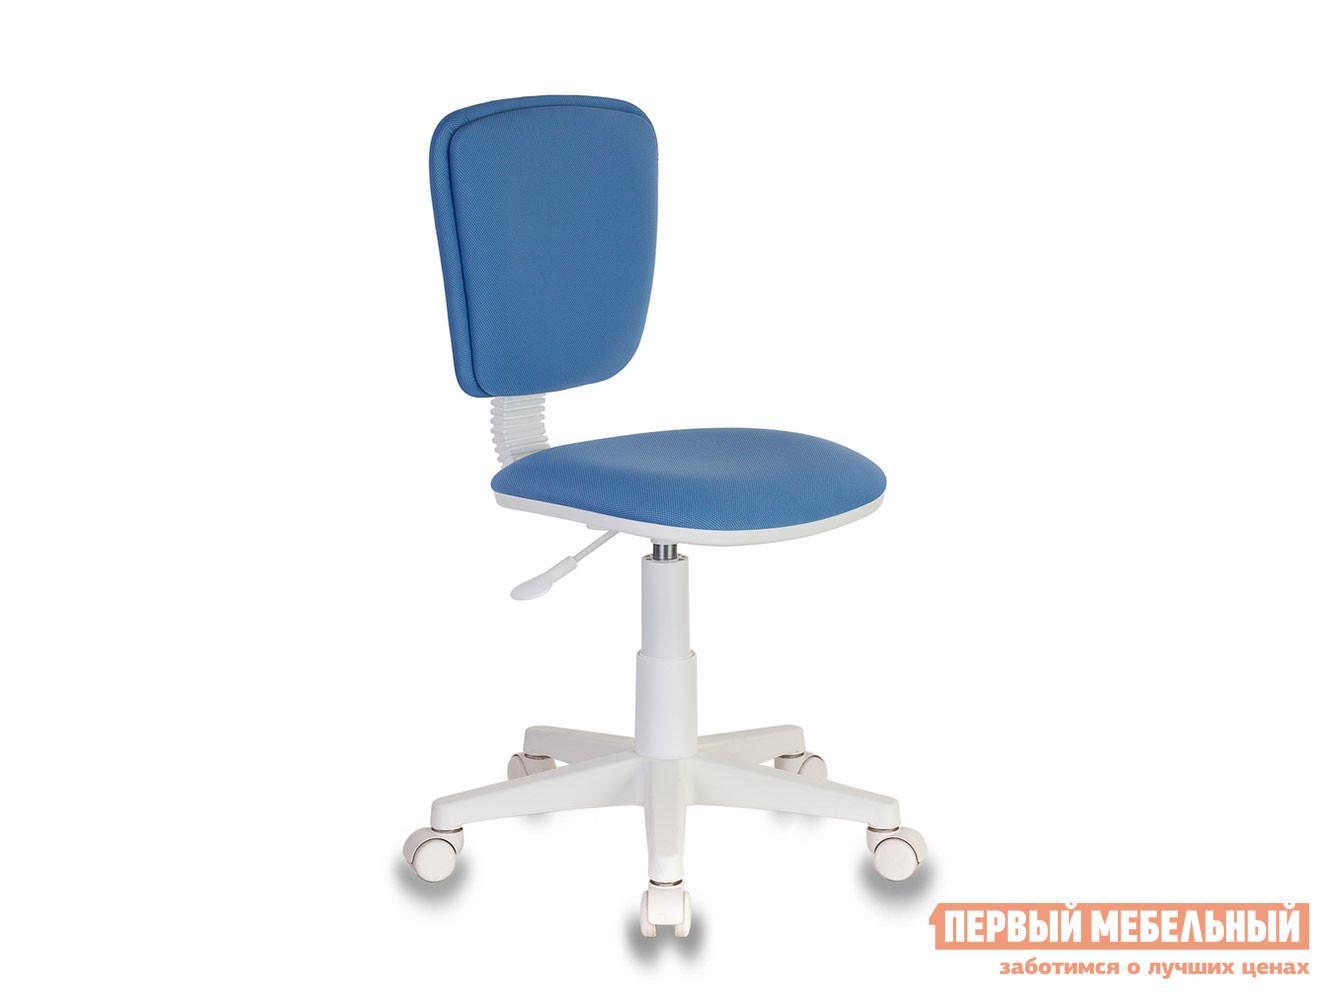 Детское компьютерное кресло  Кресло детское Бюрократ CH-W204NX 26-24 Голубой — Кресло детское Бюрократ CH-W204NX 26-24 Голубой